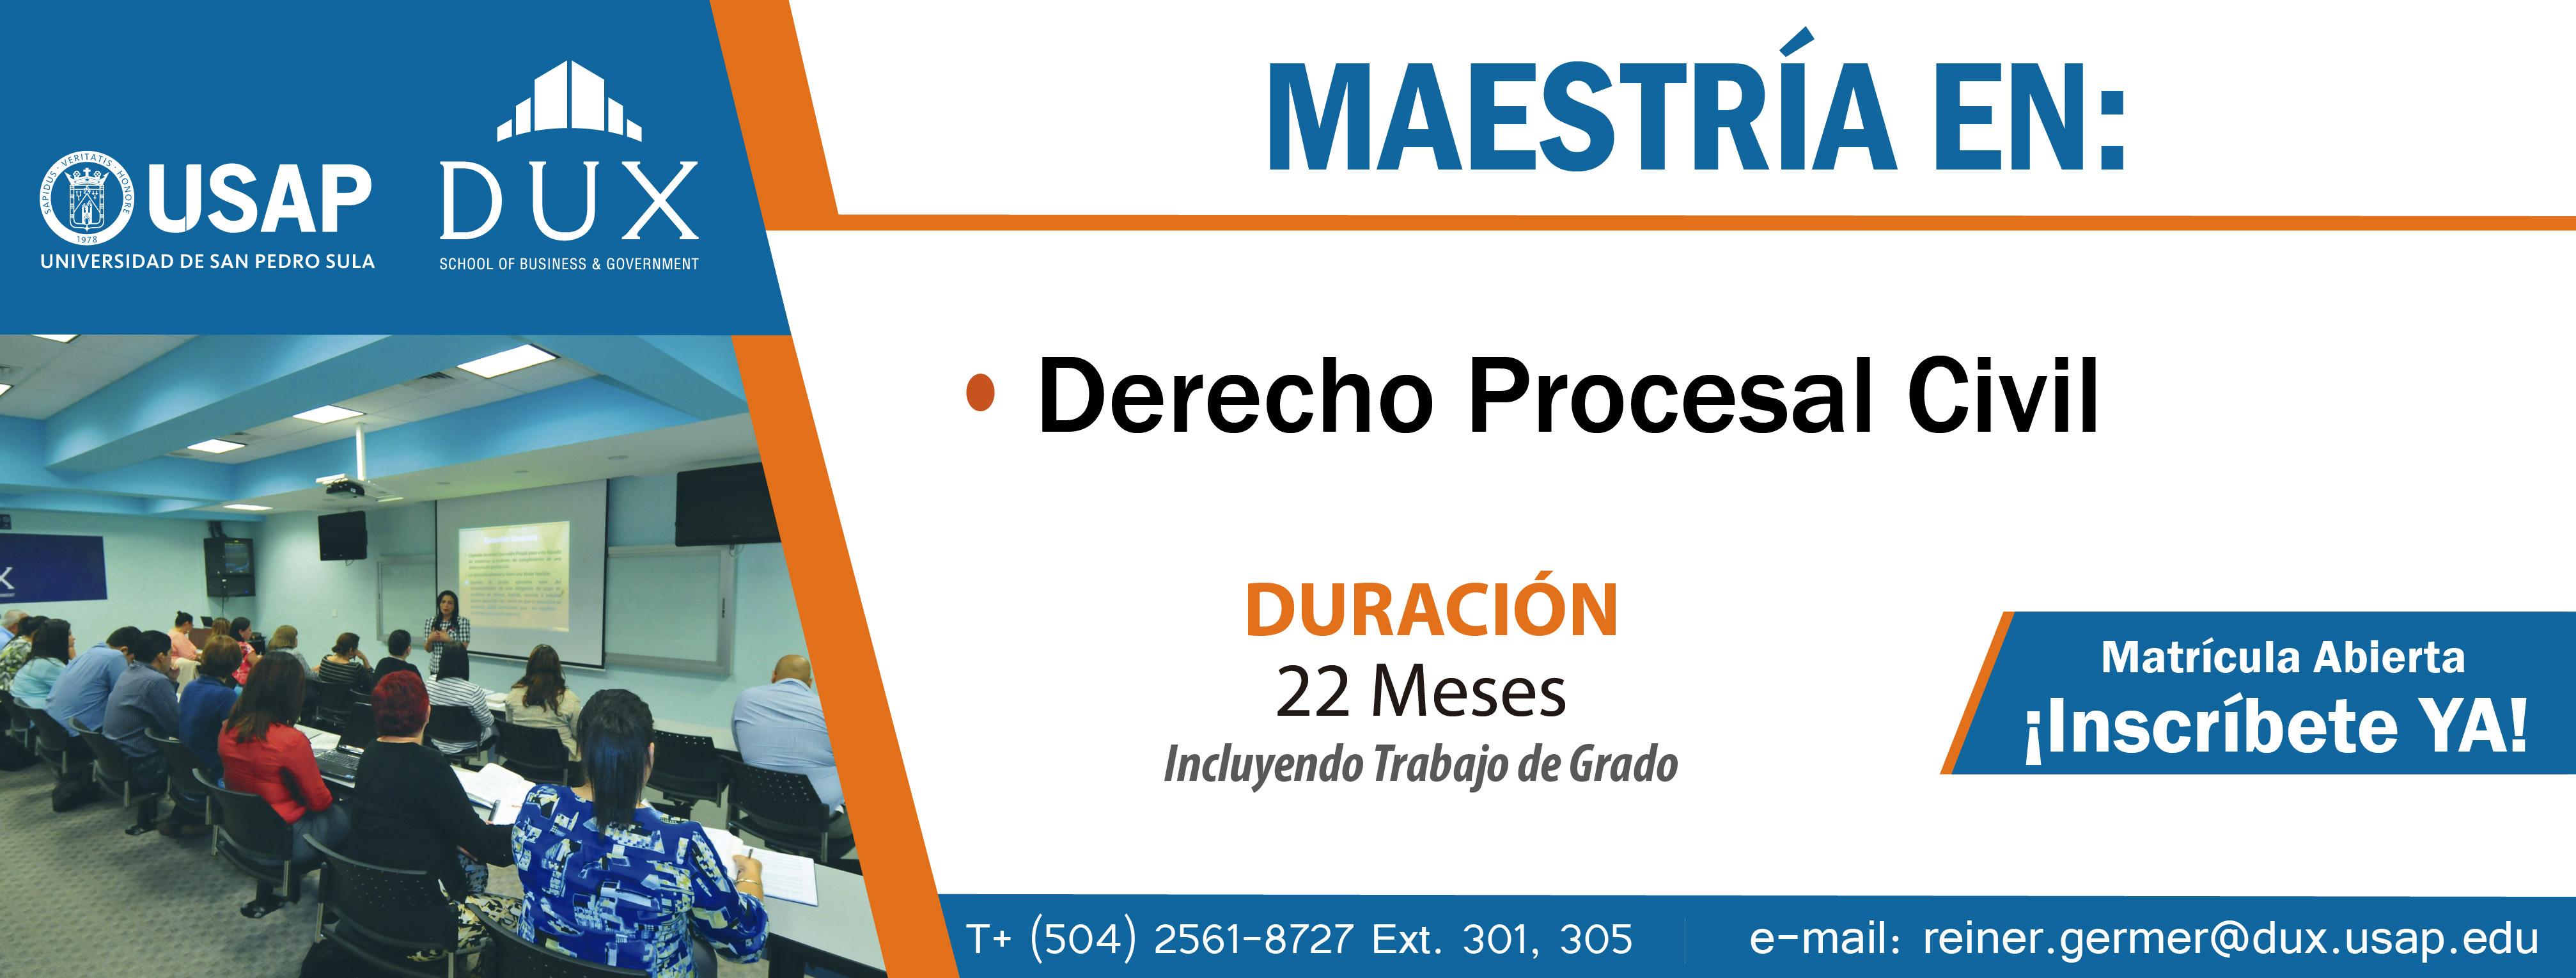 DUX DERECHO PROCESAL Aprobado-01